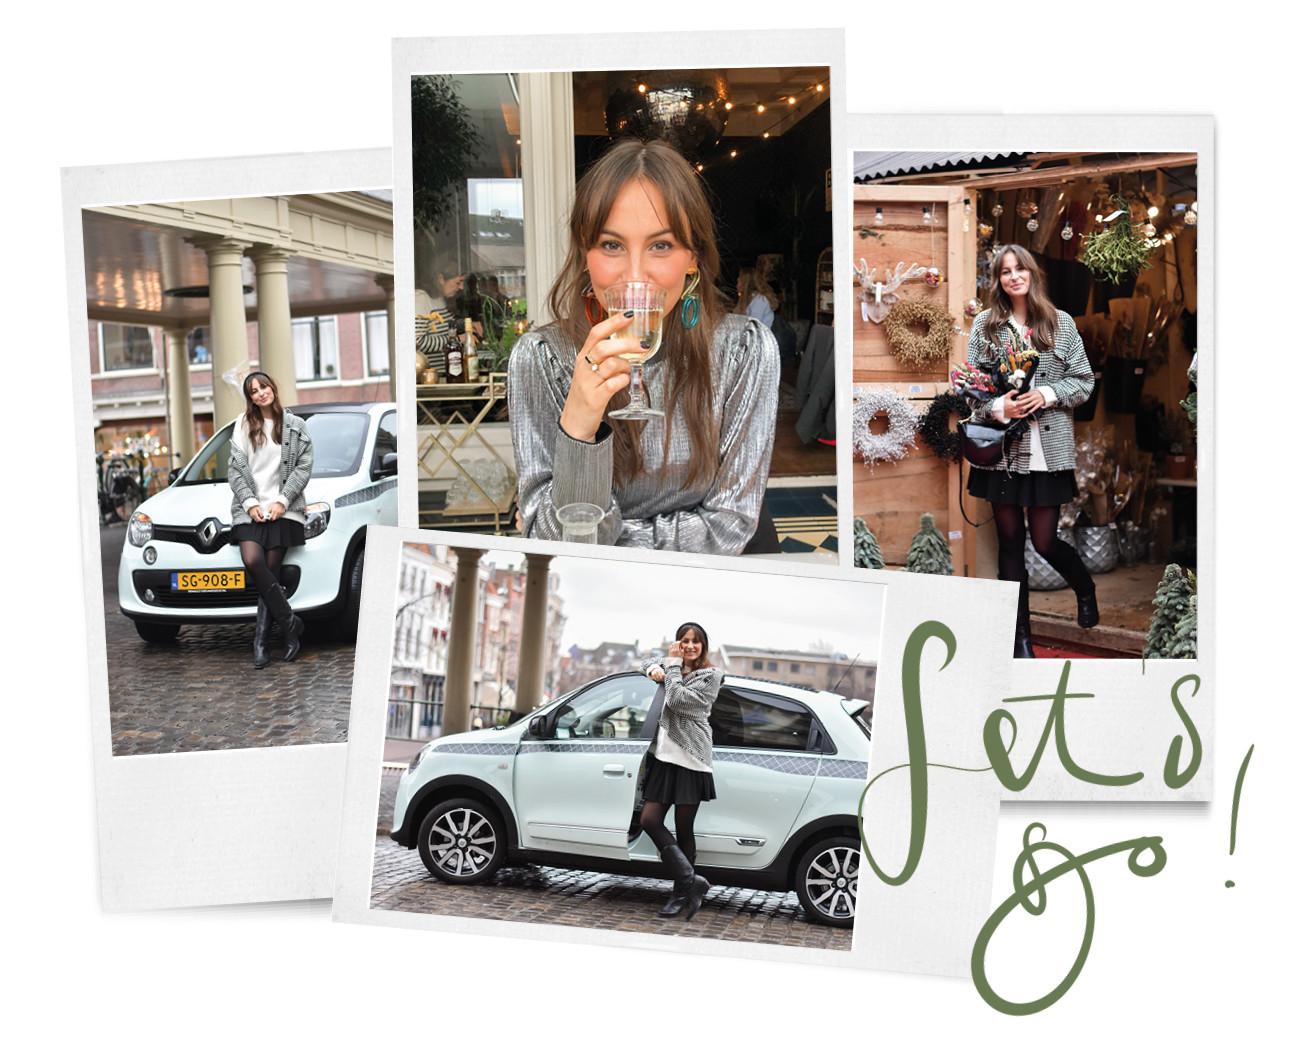 beelden uit leiden in een cafetjes en een interieuer winkel